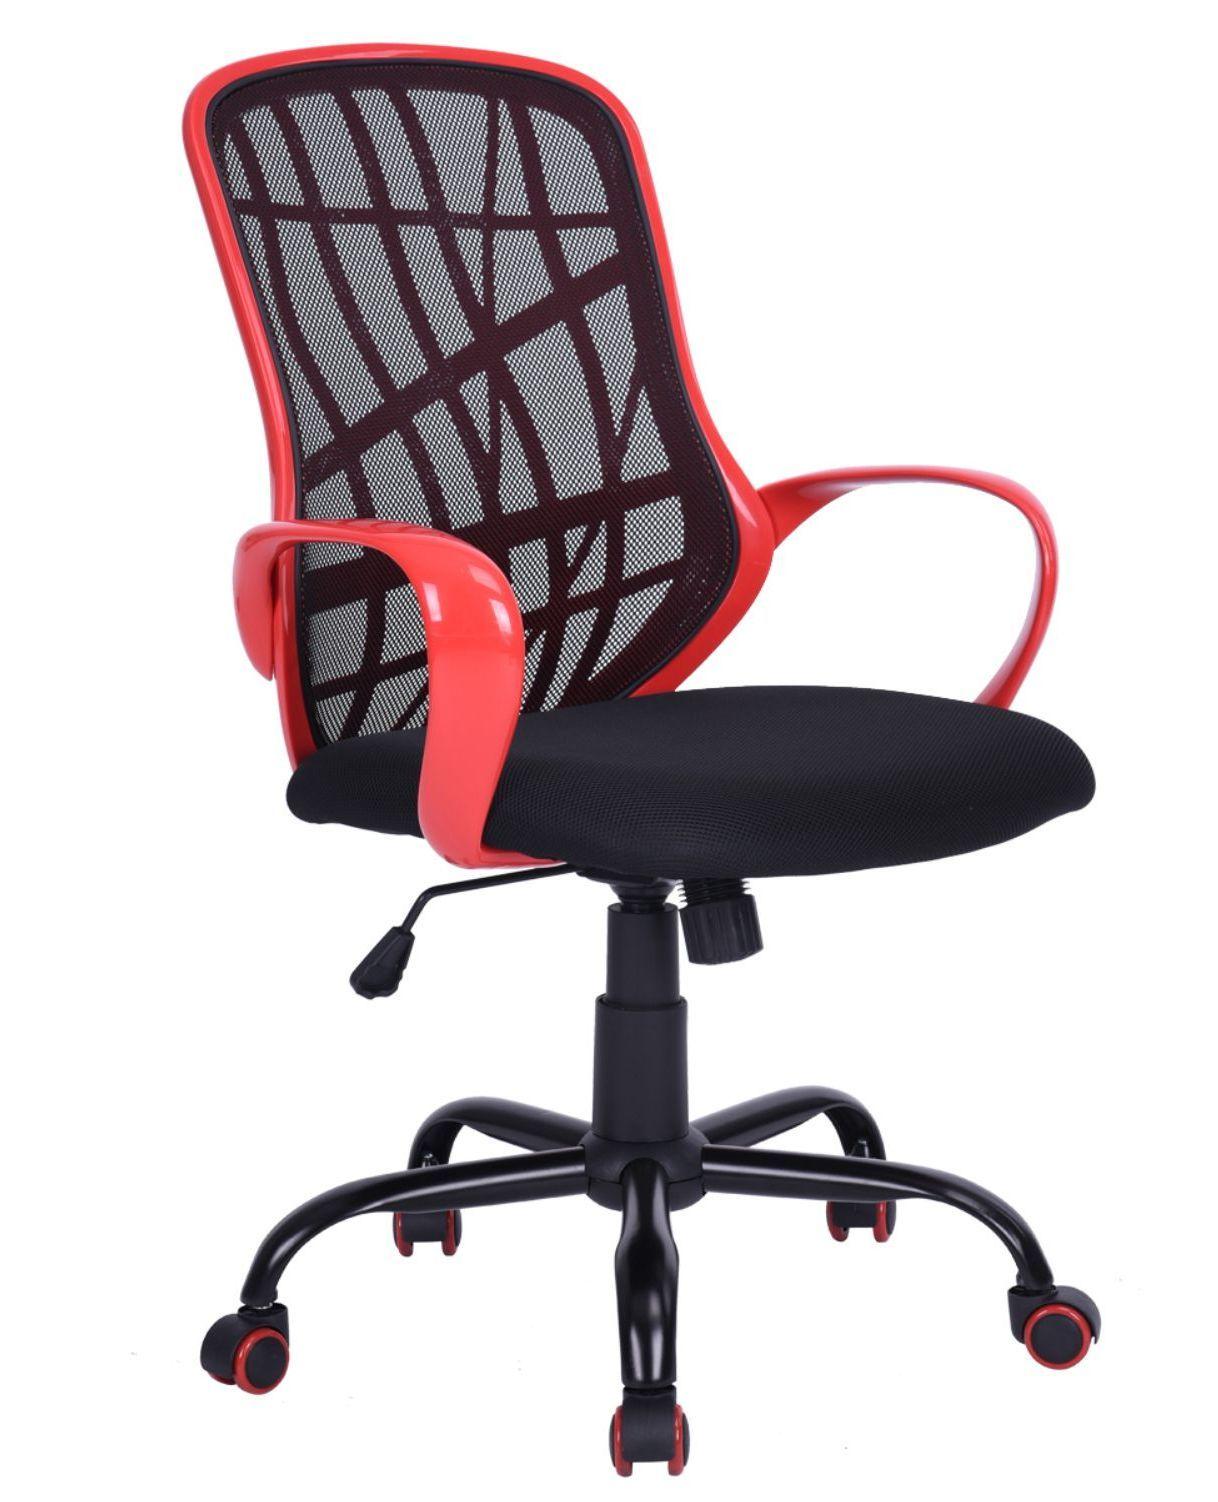 Cadeira Diretor Executivo Pelegrin PEL-3220 Vermelha e Preta